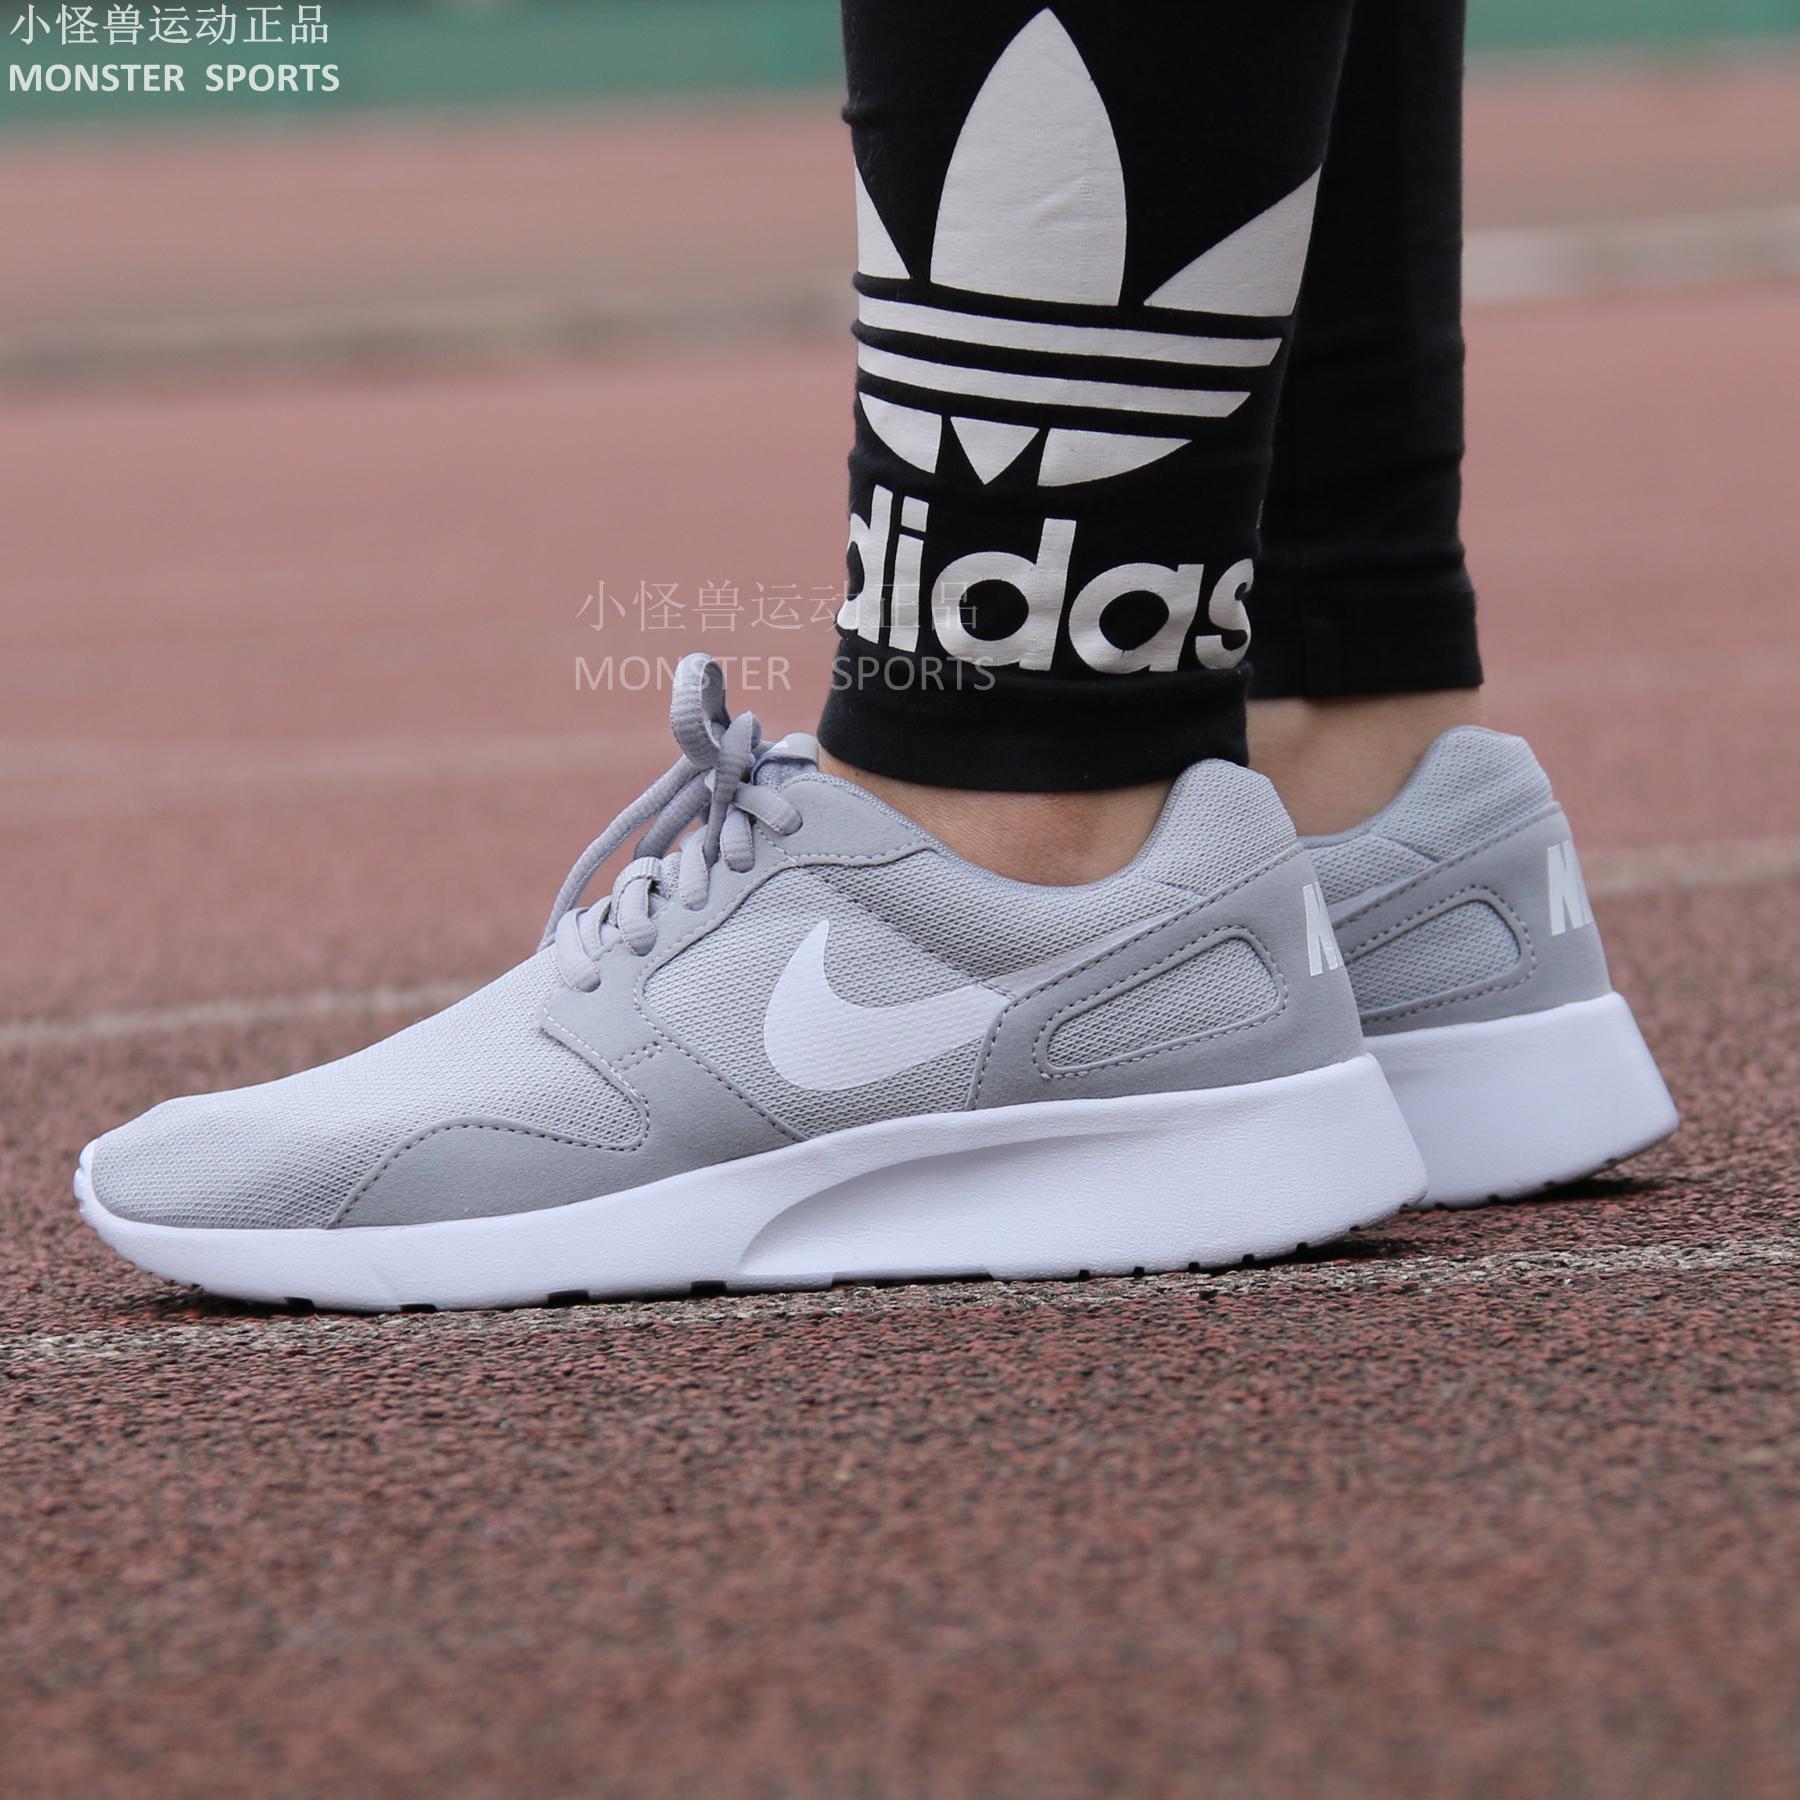 耐克运动鞋图片 Nike耐克 KAISHI 女子经典透气休闲运动跑步鞋 654845-014-411_推荐淘宝好看的女耐克运动鞋